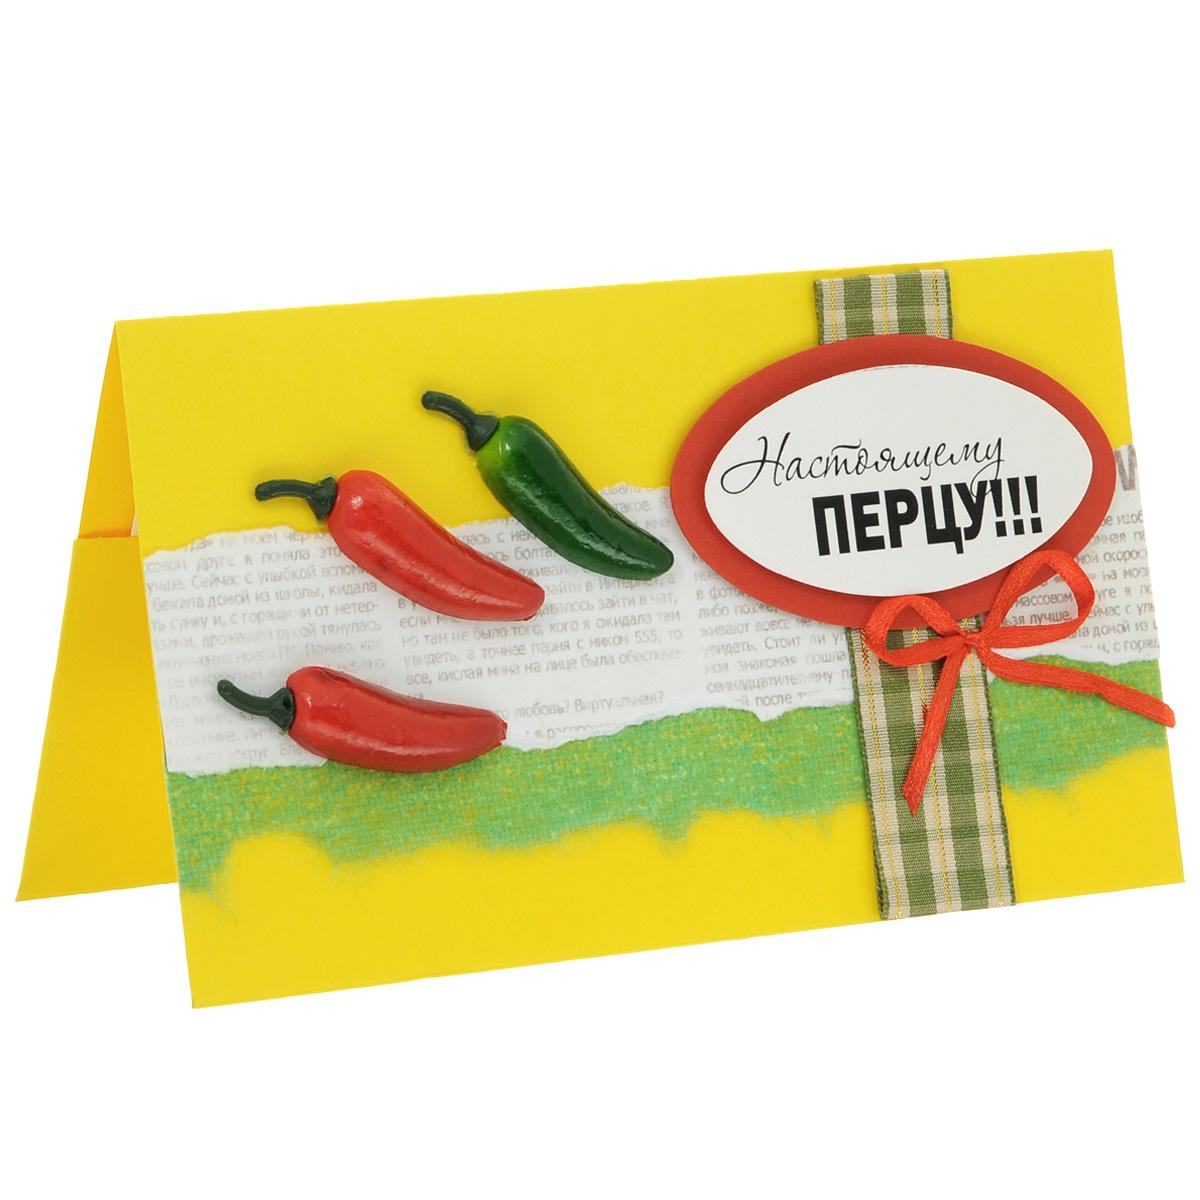 ОМ-0003 Открытка-конверт «Настоящему перцу!». Студия «Тётя Роза»ILAM-03Характеристики: Размер 19 см x 11 см.Материал: Высоко-художественный картон, бумага, декор. Данная открытка может стать как прекрасным дополнением к вашему подарку, так и самостоятельным подарком. Так как открытка является и конвертом, в который вы можете вложить ваш денежный подарок или просто написать ваши пожелания на вкладыше. Выразительная и «острая» открытка создана на сочетании ярких контрастов и поэтому берет на себя много внимания. В дизайне использованы разнофактурные материалы: печатный принт, атласные и тканые ленты. Почти настоящие острые перчики задают теме выразительный тон и некую пикантность. Обращаем Ваше внимание на то, что открытка может незначительно отличаться от представленной на фото.Открытки ручной работы от студии Тётя Роза отличаются своим неповторимым и ярким стилем. Каждая уникальна и выполнена вручную мастерами студии. (Открытка для мужчин, открытка для женщины, открытка на день рождения, открытка с днем свадьбы, открытка винтаж, открытка с юбилеем, открытка на все случаи, скрапбукинг)